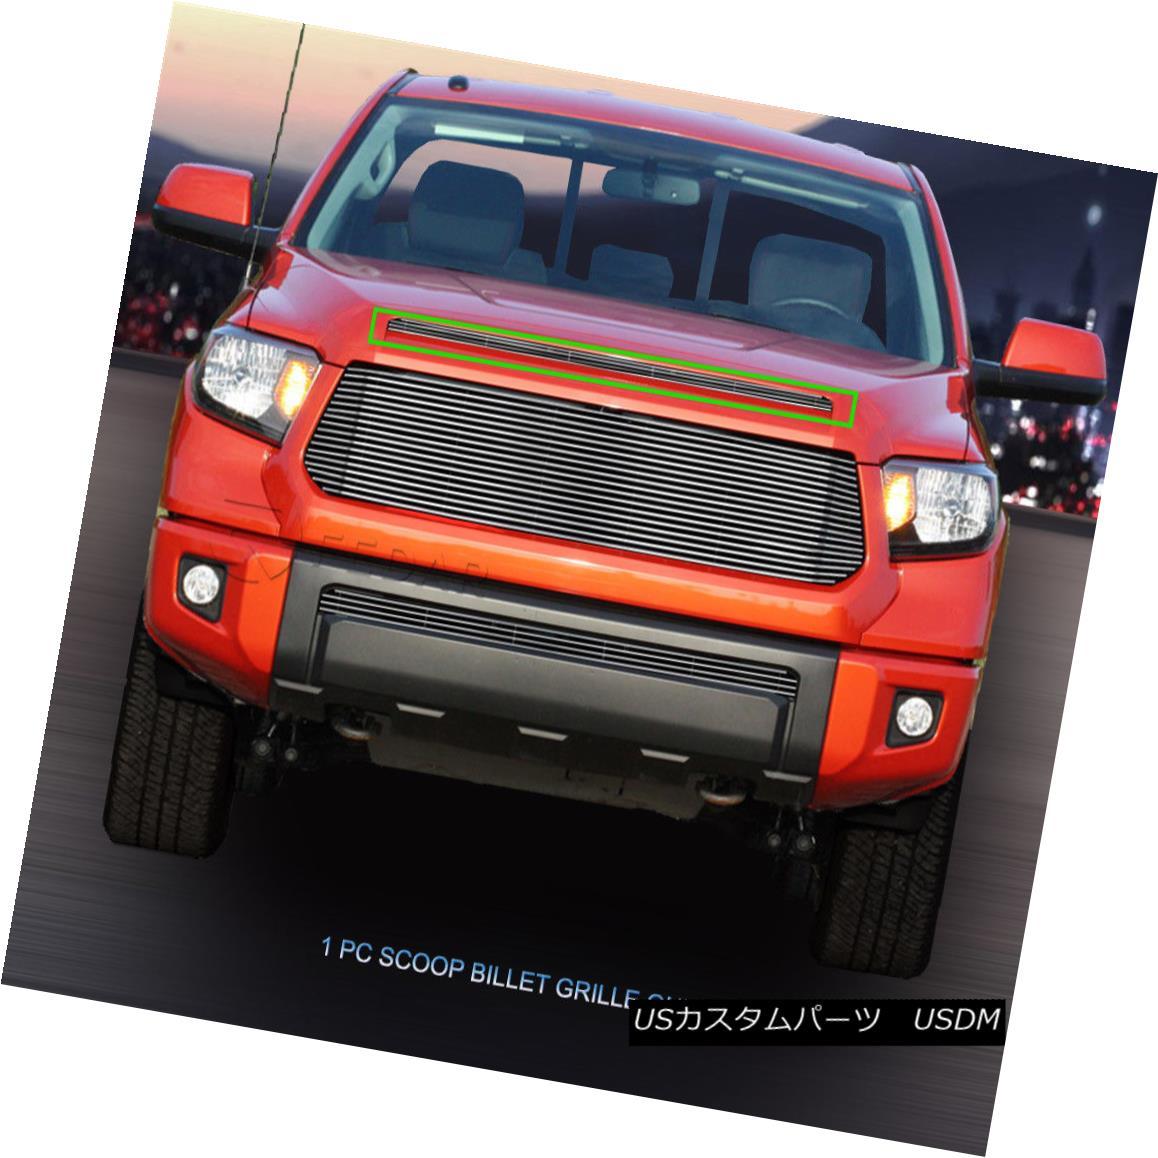 グリル Fits 2014 2015 2016 Toyota Tundra Billet Grille Upper Scoop Grill Insert Fedar フィット2014 2015 2016トヨタトンドラビレットグリルアッパースクープグリルインサートフェルダー